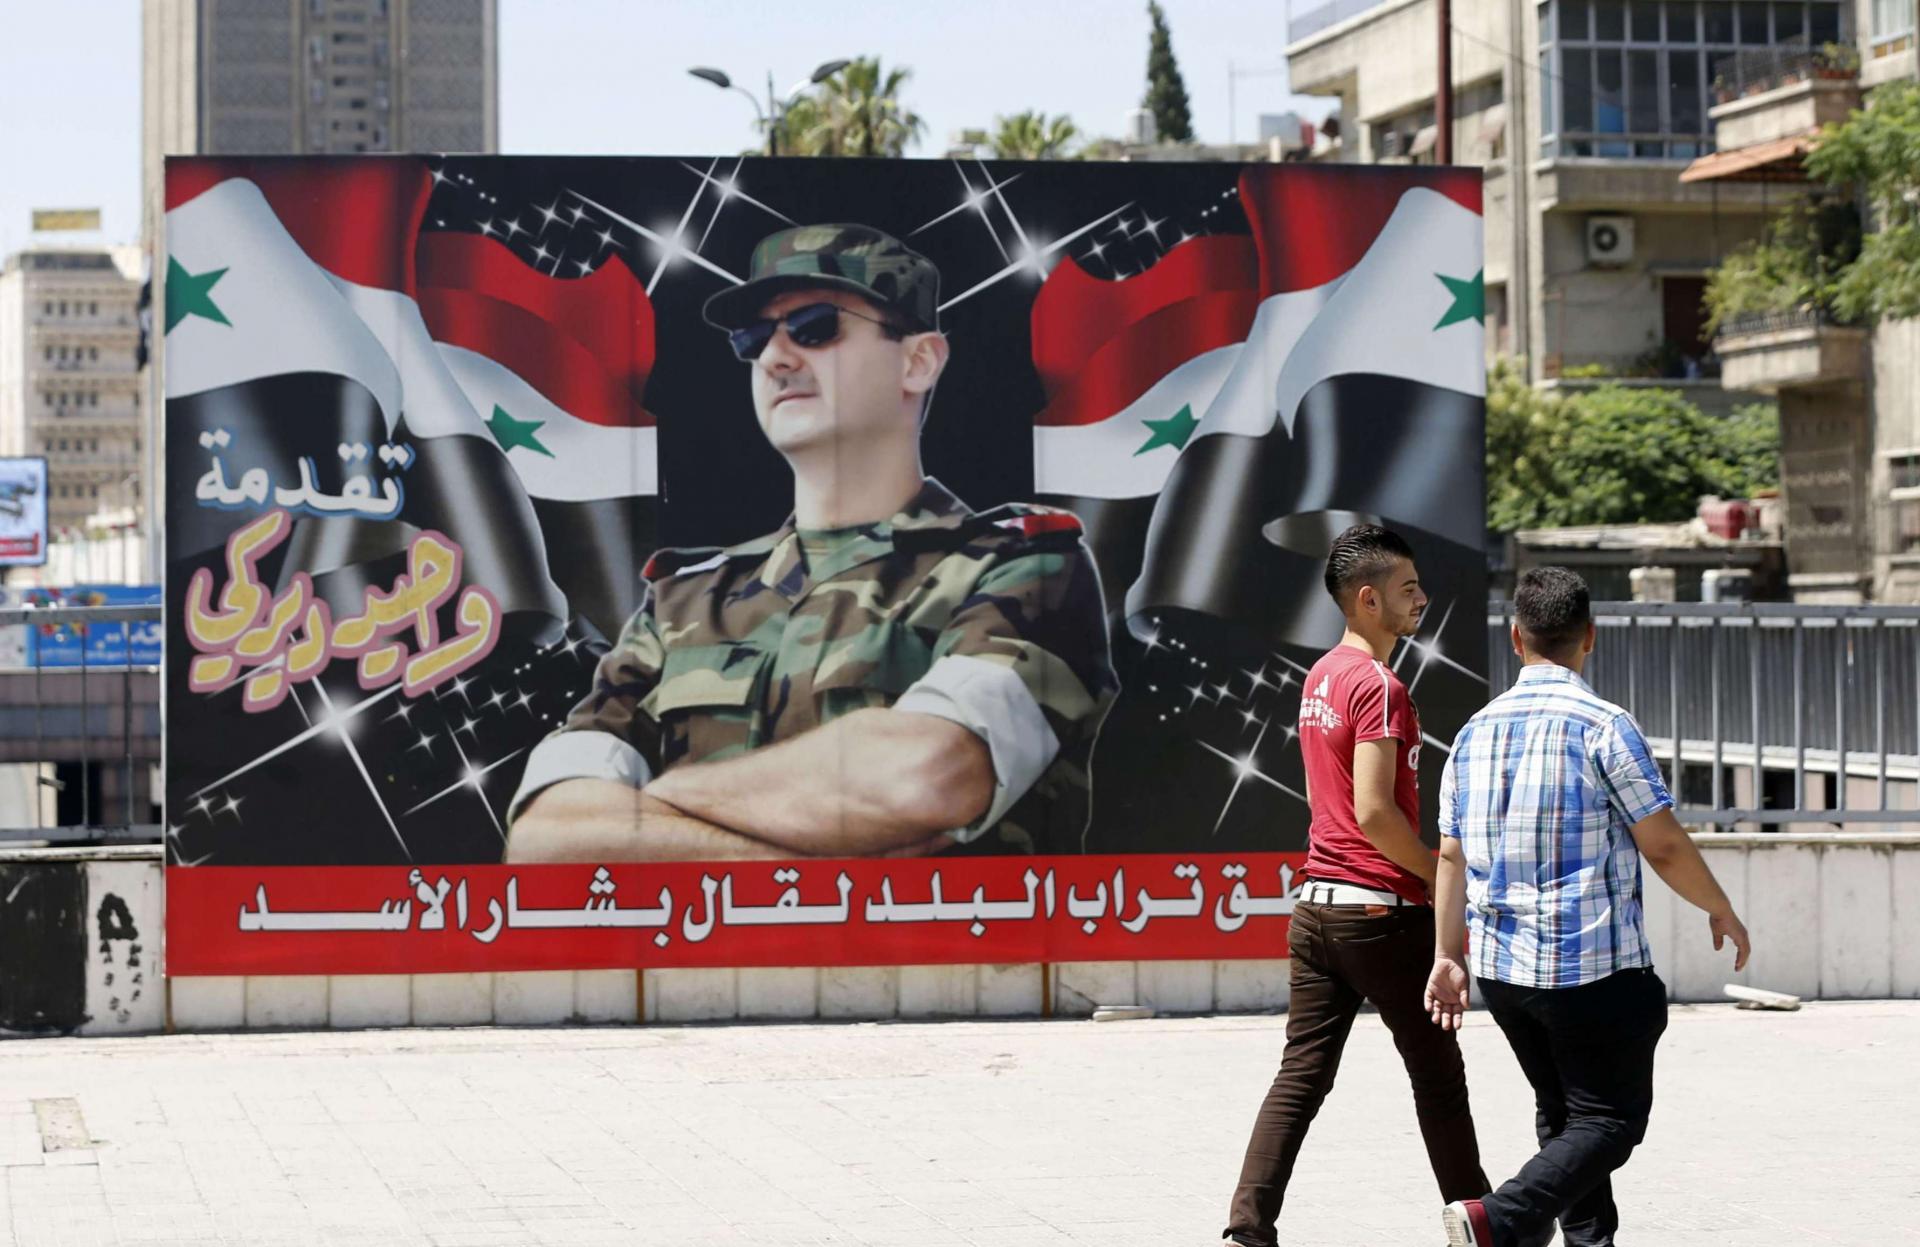 مسؤول في نظام الأسد يرفض ترك منصبه